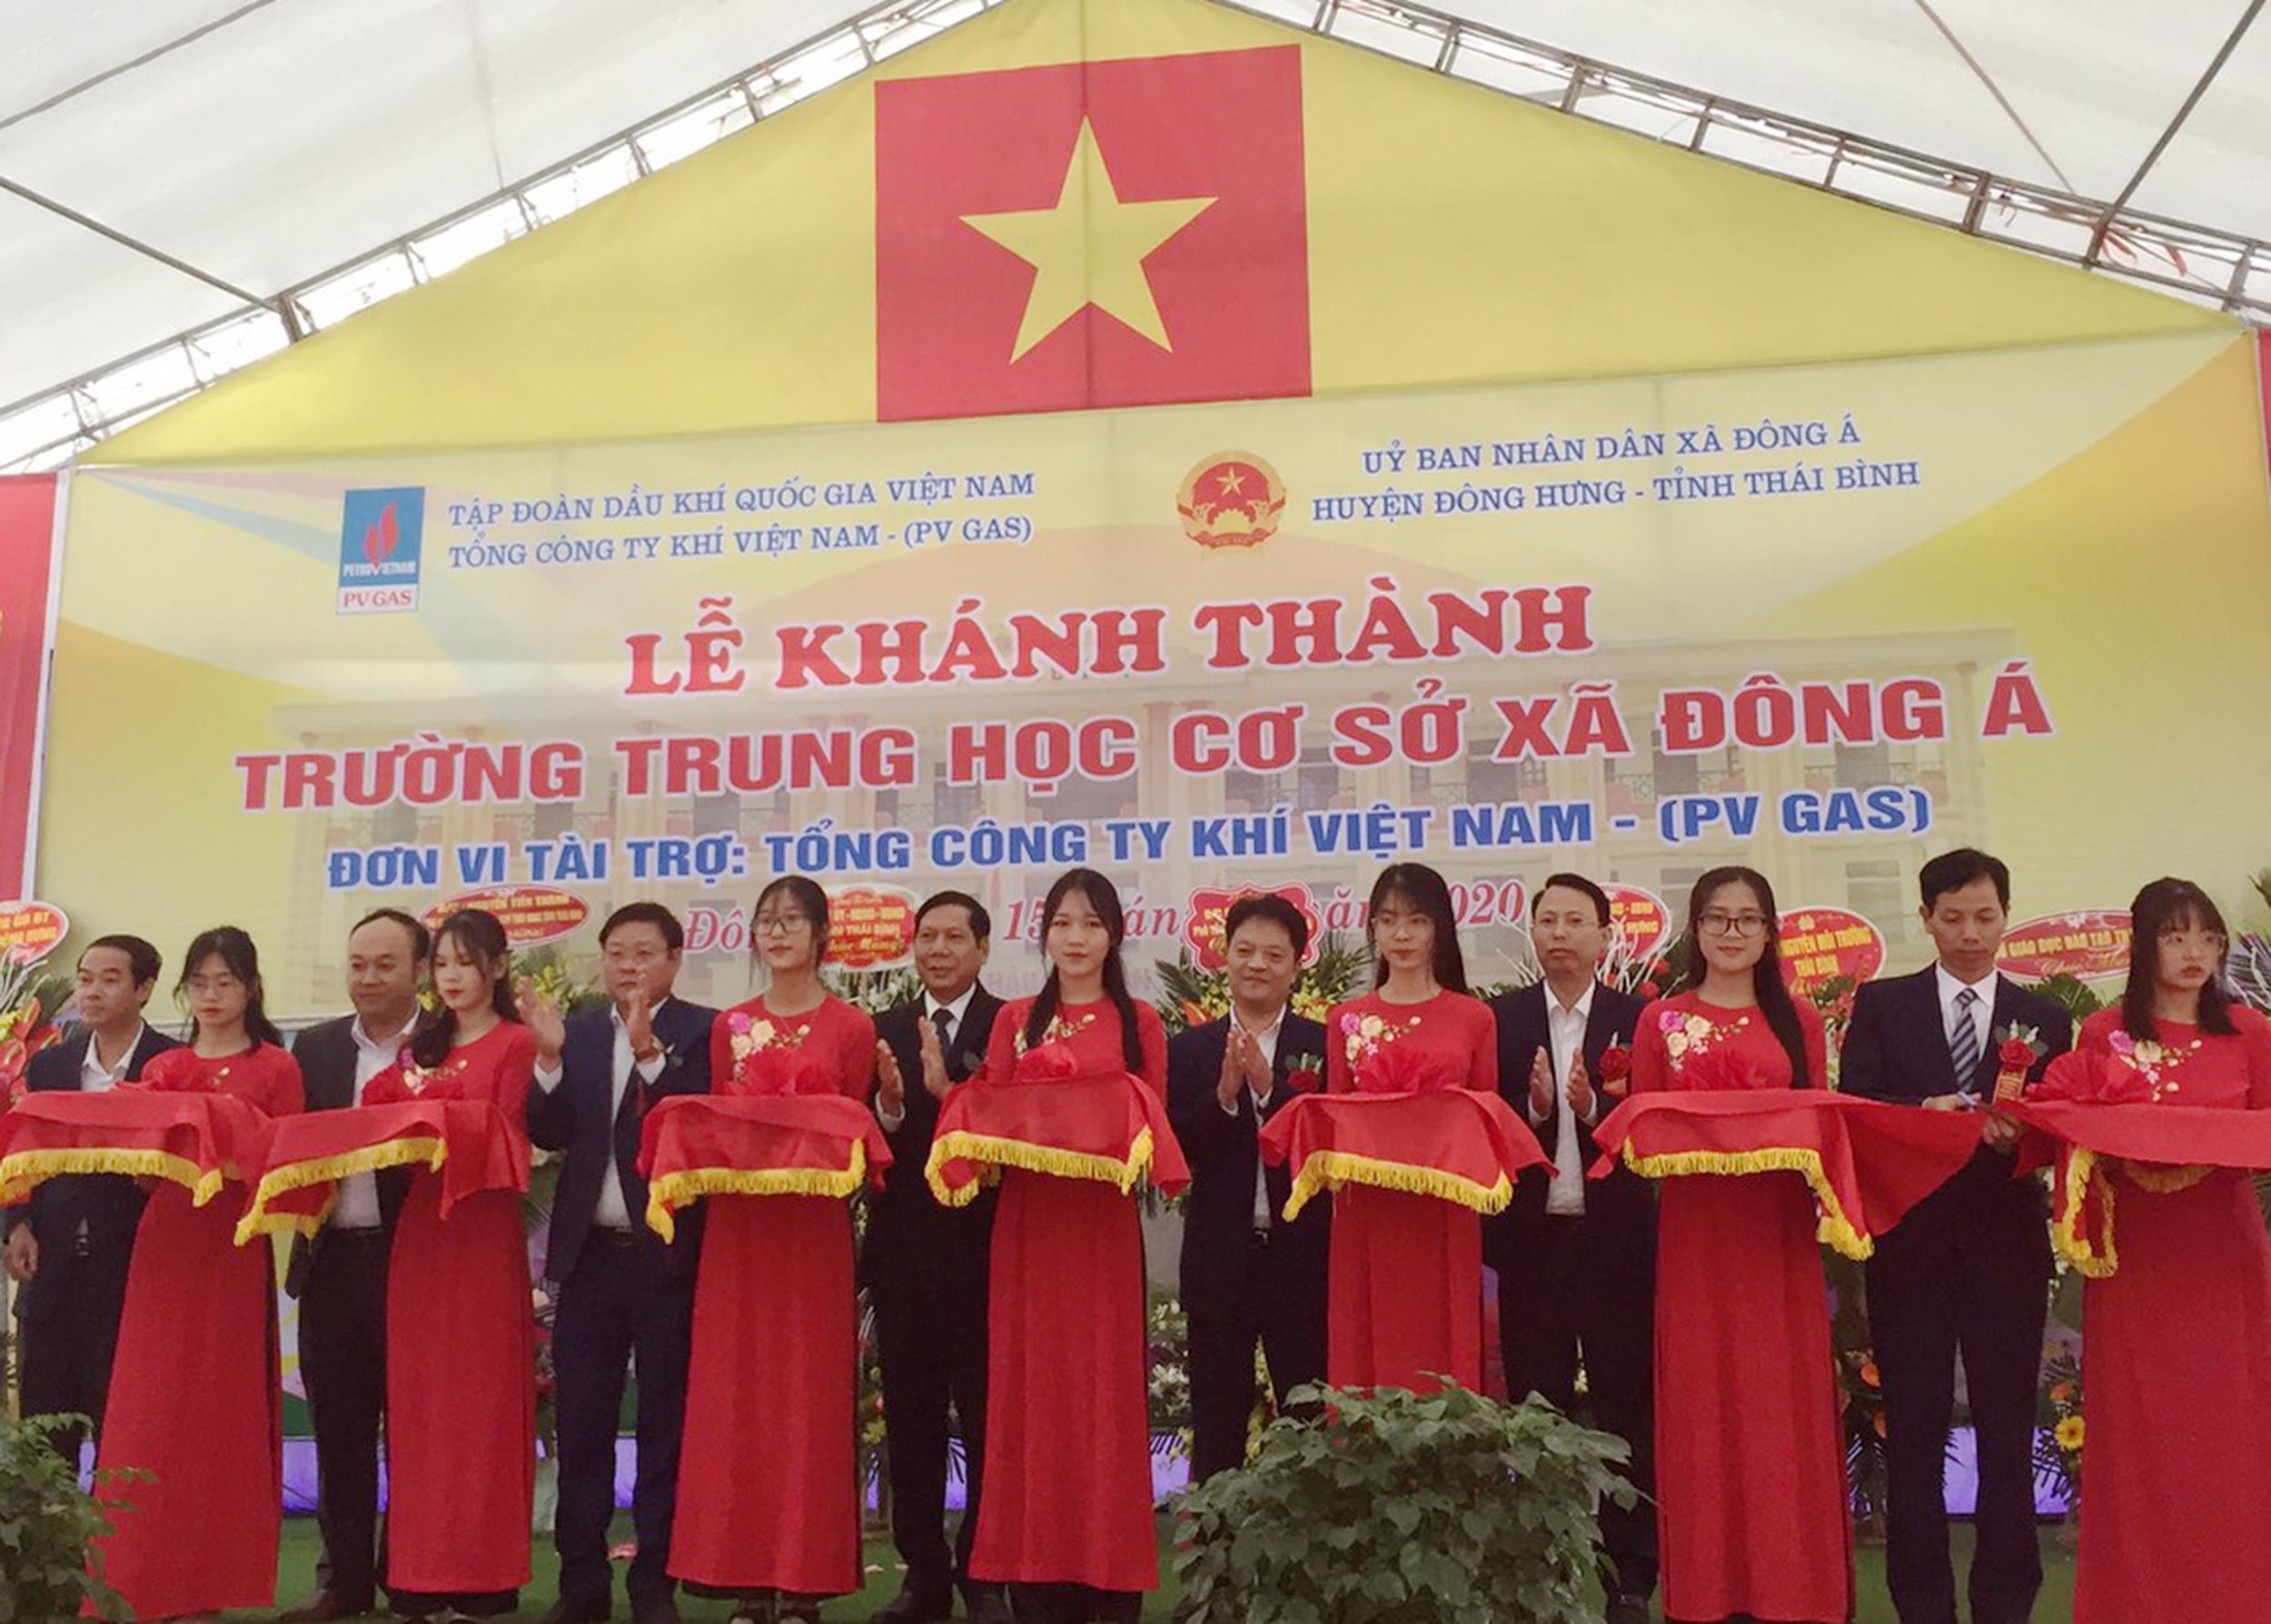 Nghi thức cắt băng khánh thành công trình Trường THCS Đông Á